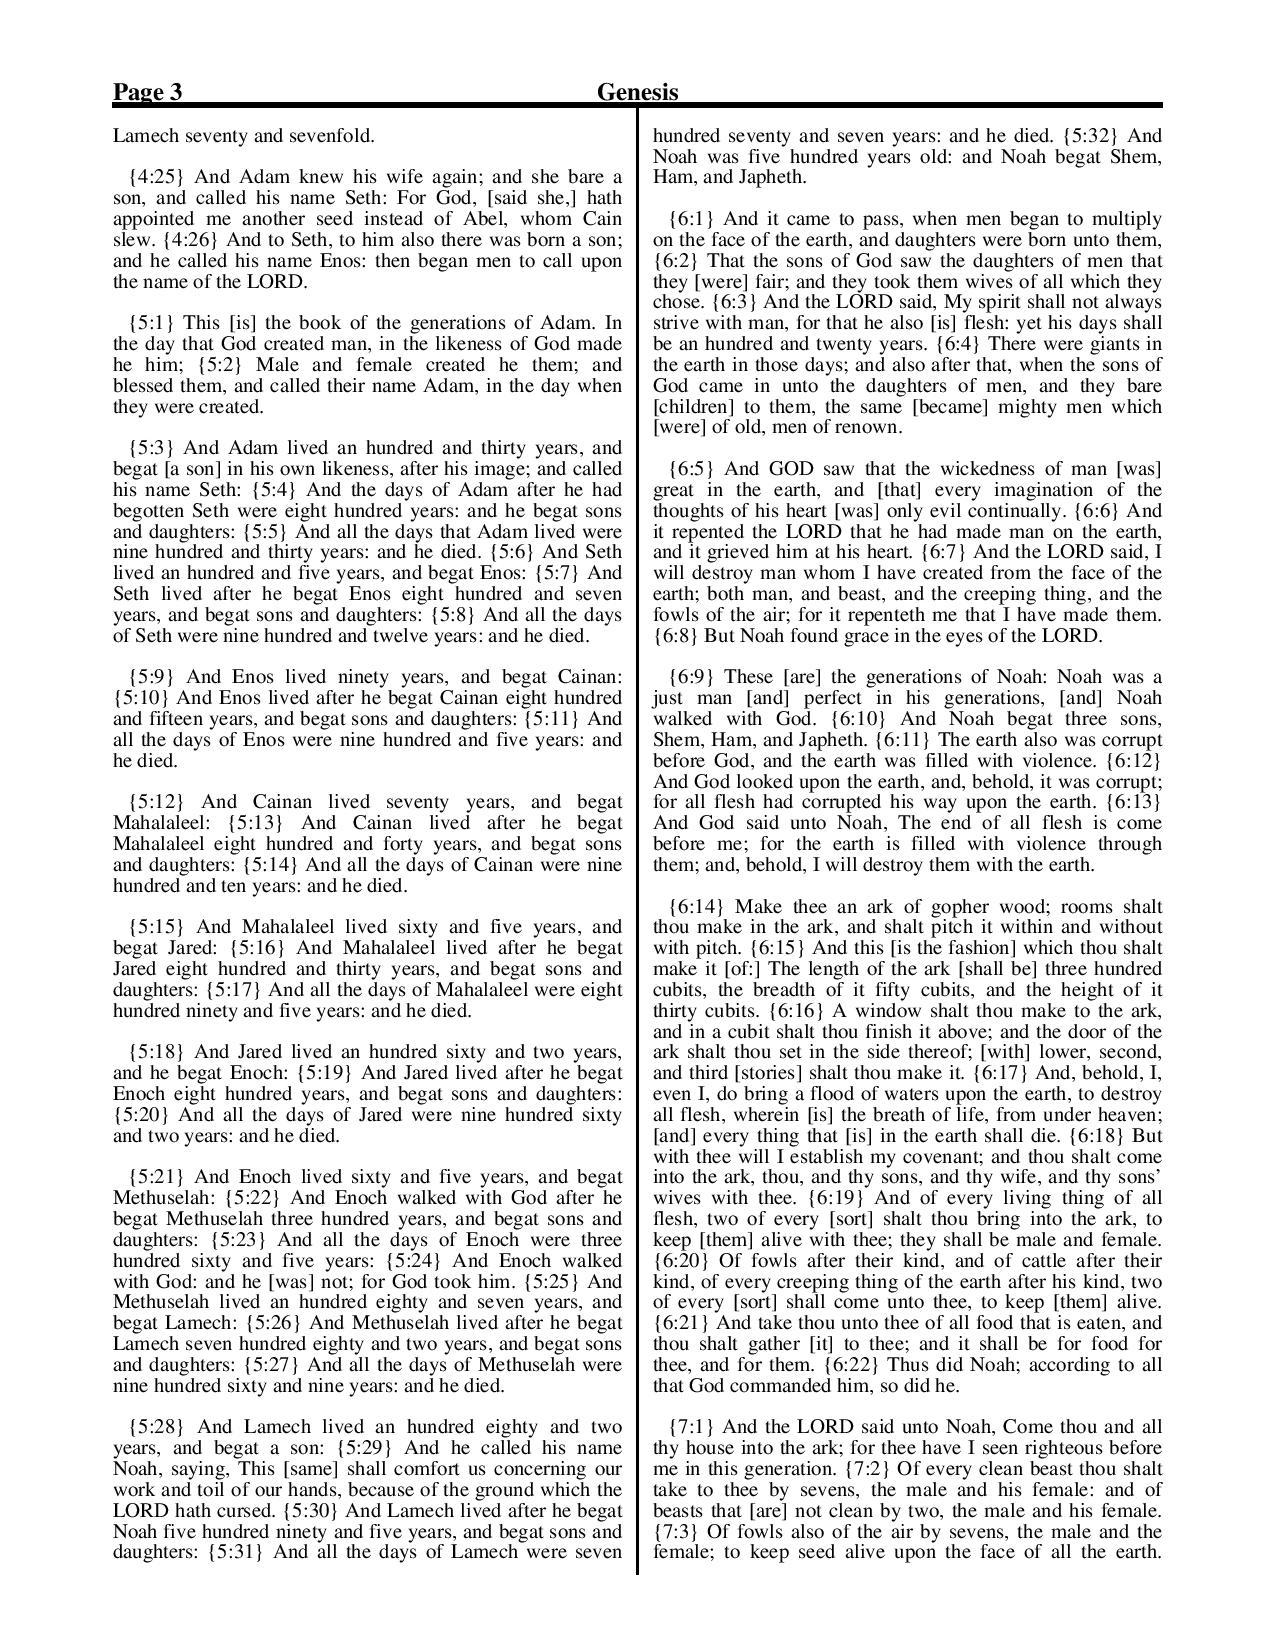 King-James-Bible-KJV-Bible-PDF-page-024